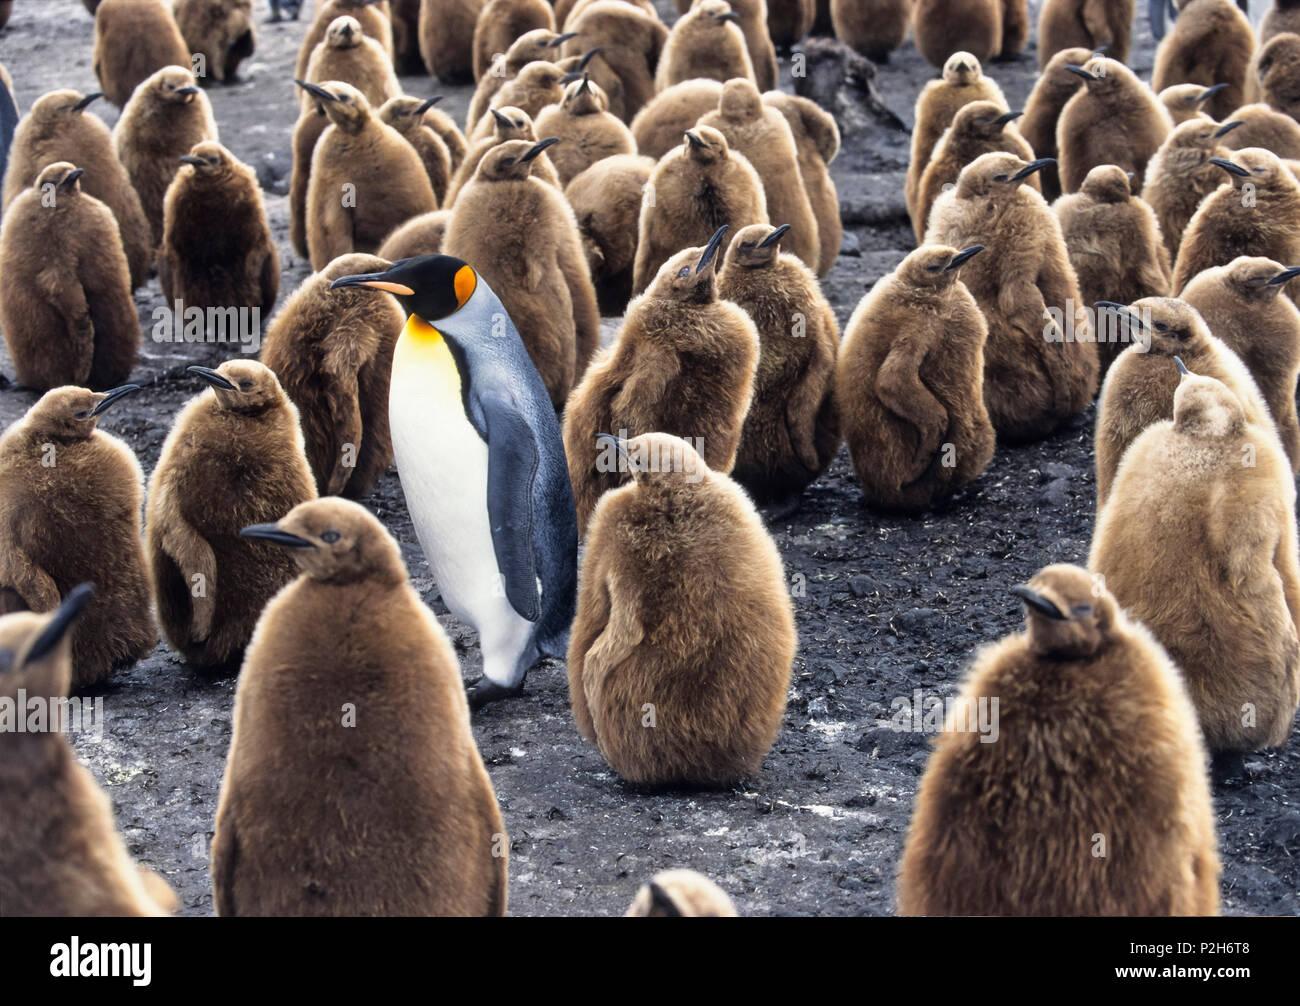 Con pollitos de pingüino rey aptenodytes patagonicus, Georgia del Sur, la Antártida Foto de stock